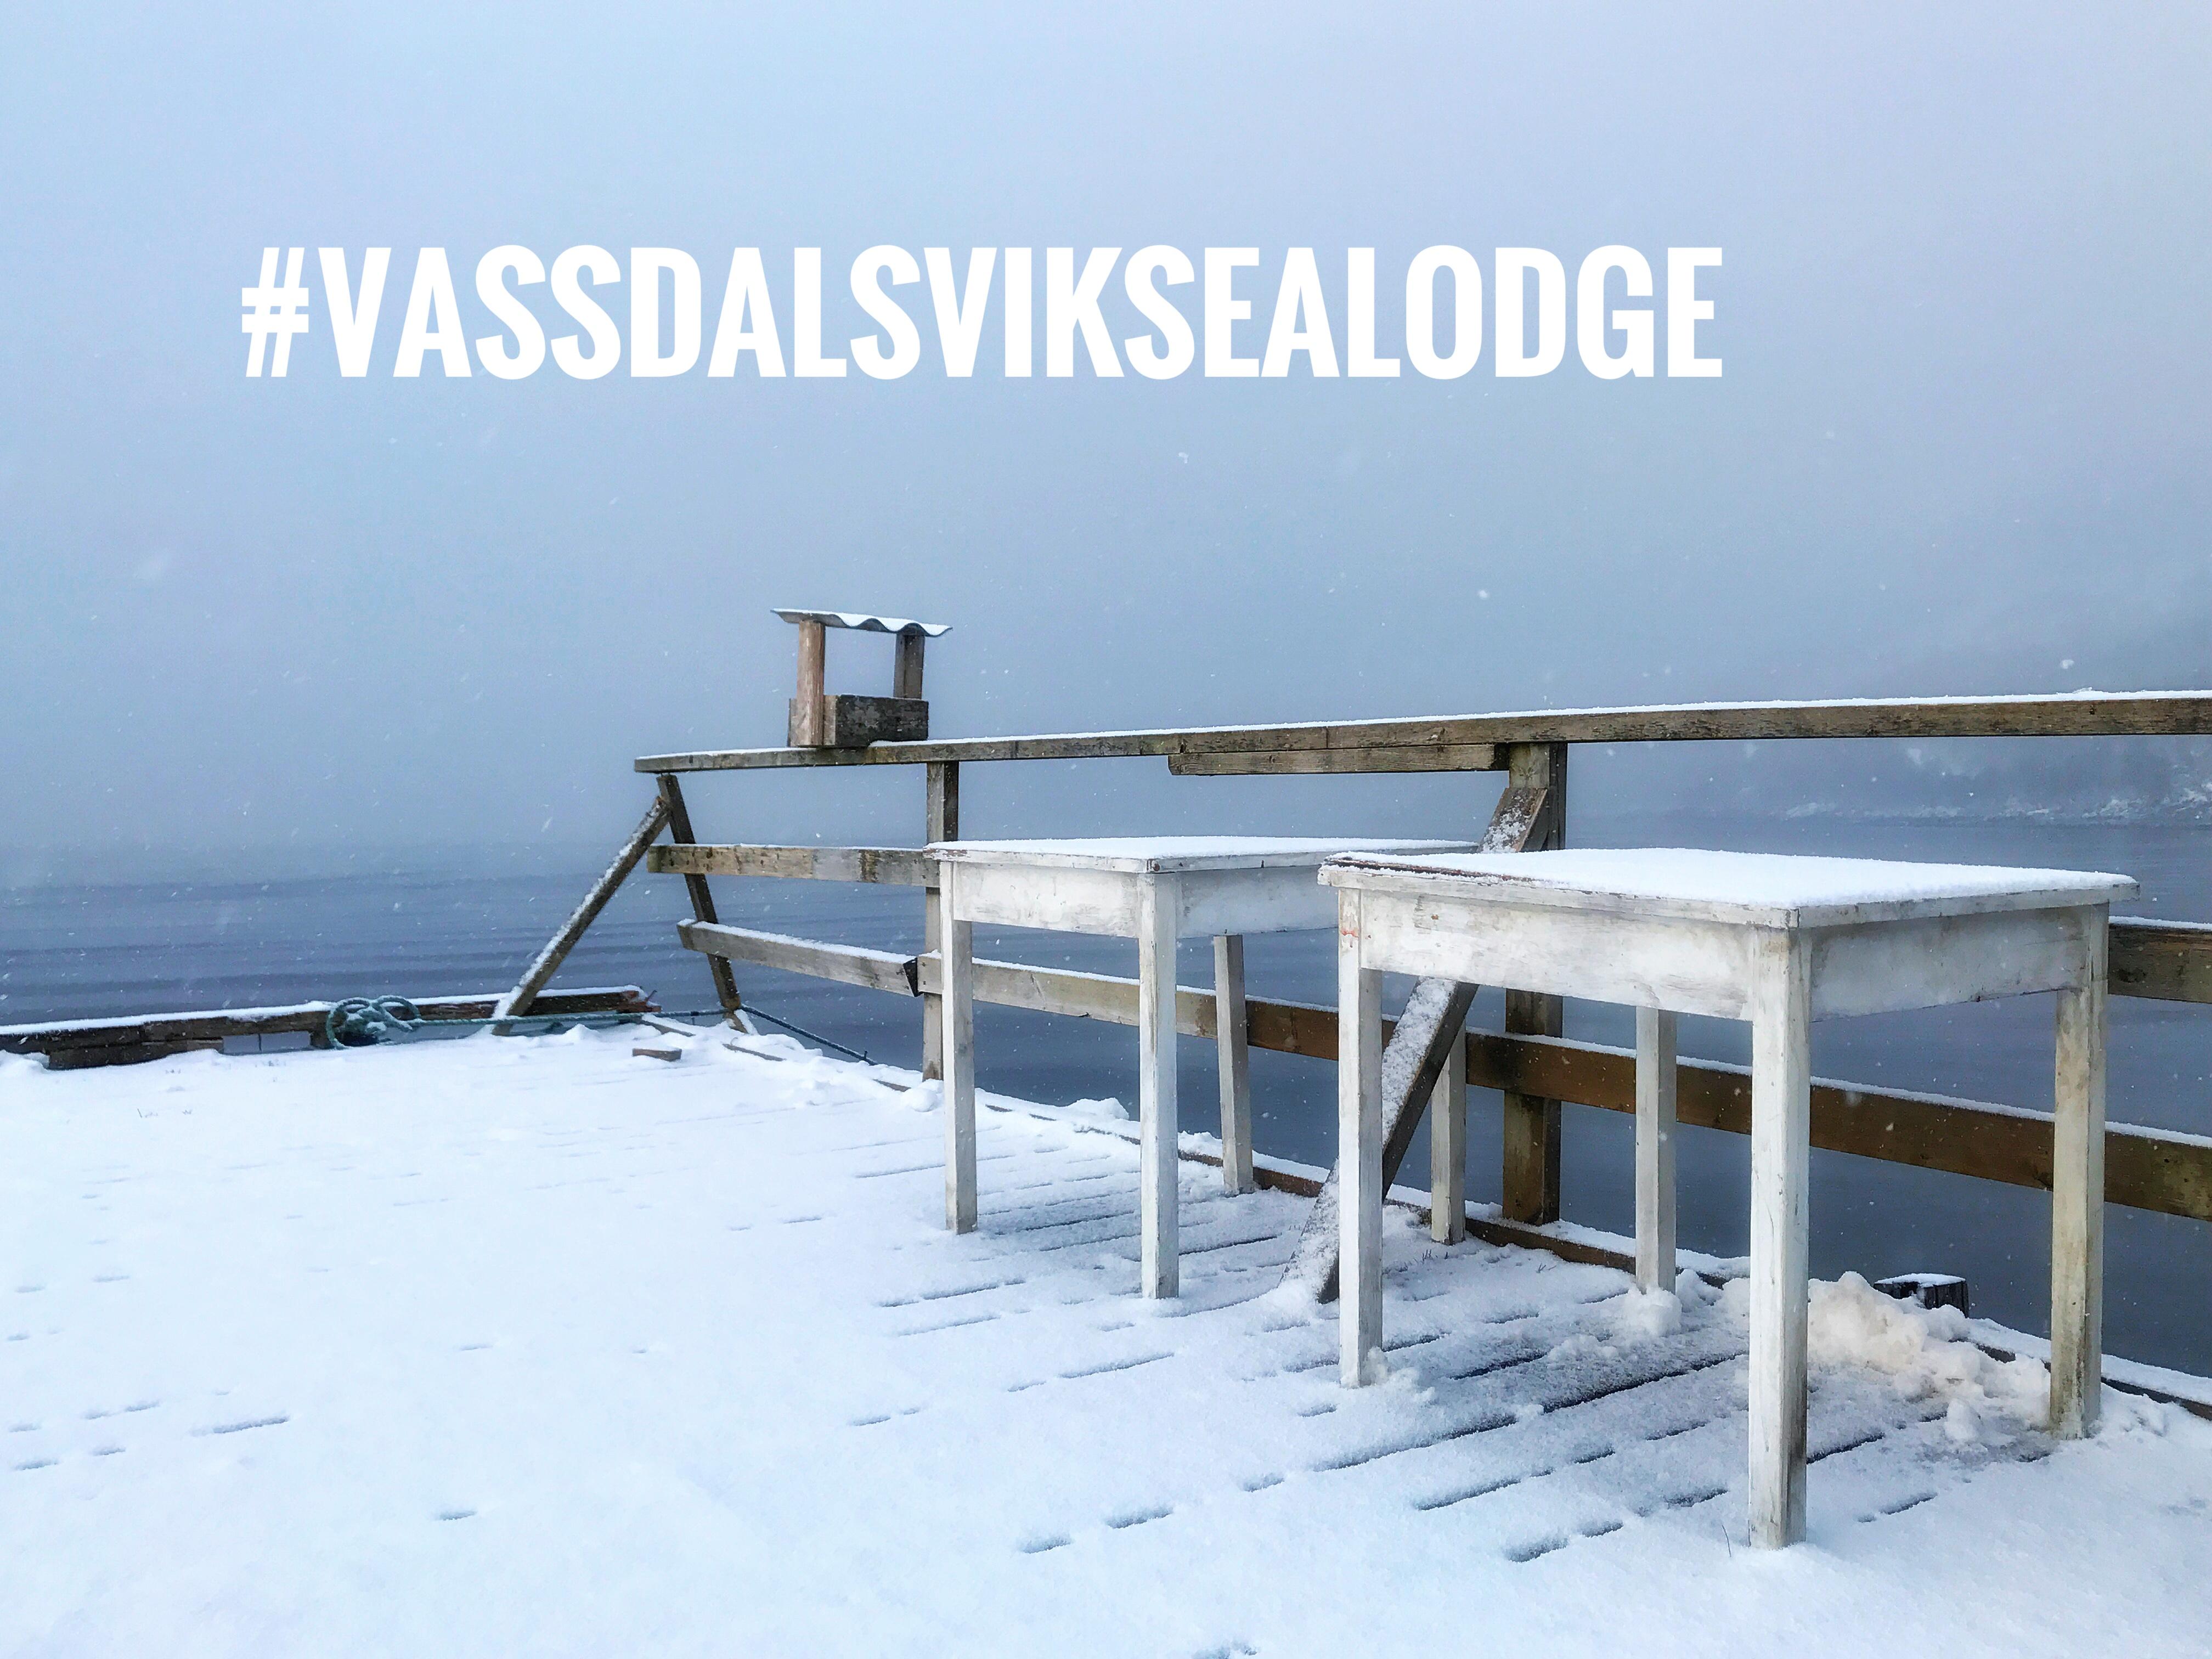 Vassdalsvik one